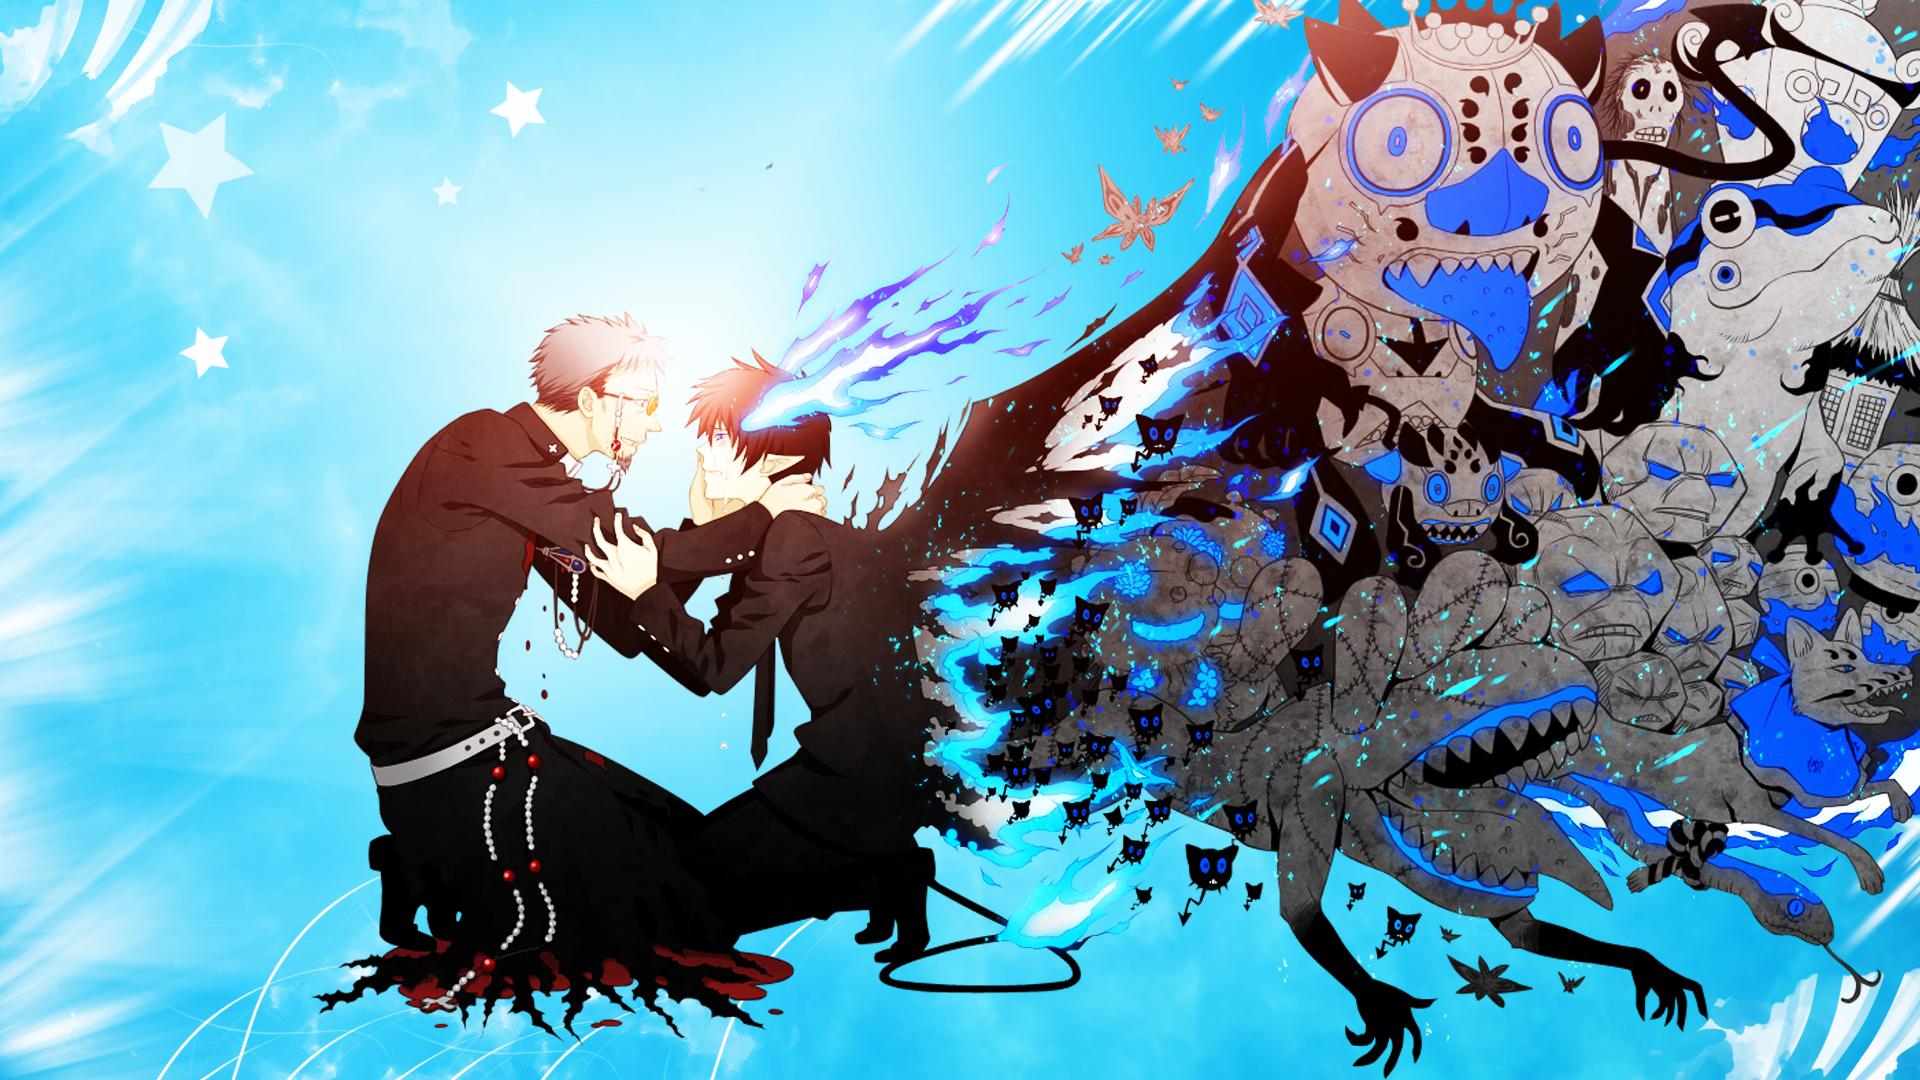 Ao No Exorcist Wallpaper Blue Exorcist Anime Ao No Exorcist Blue Exorcist